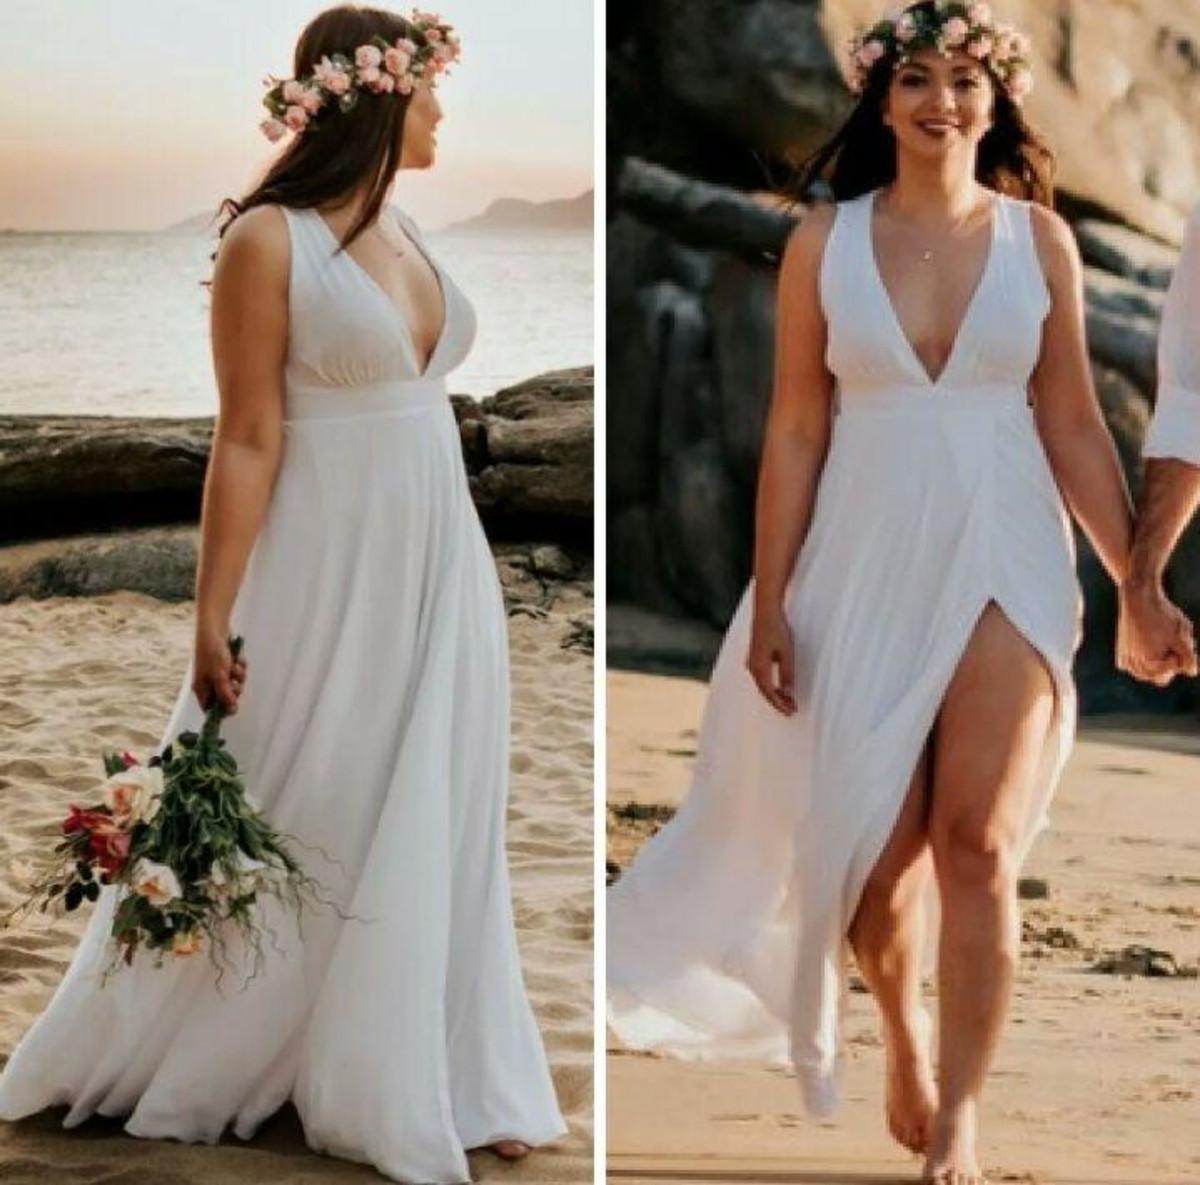 Vestido Para Ensaio Fotográfico De Pre Wedding